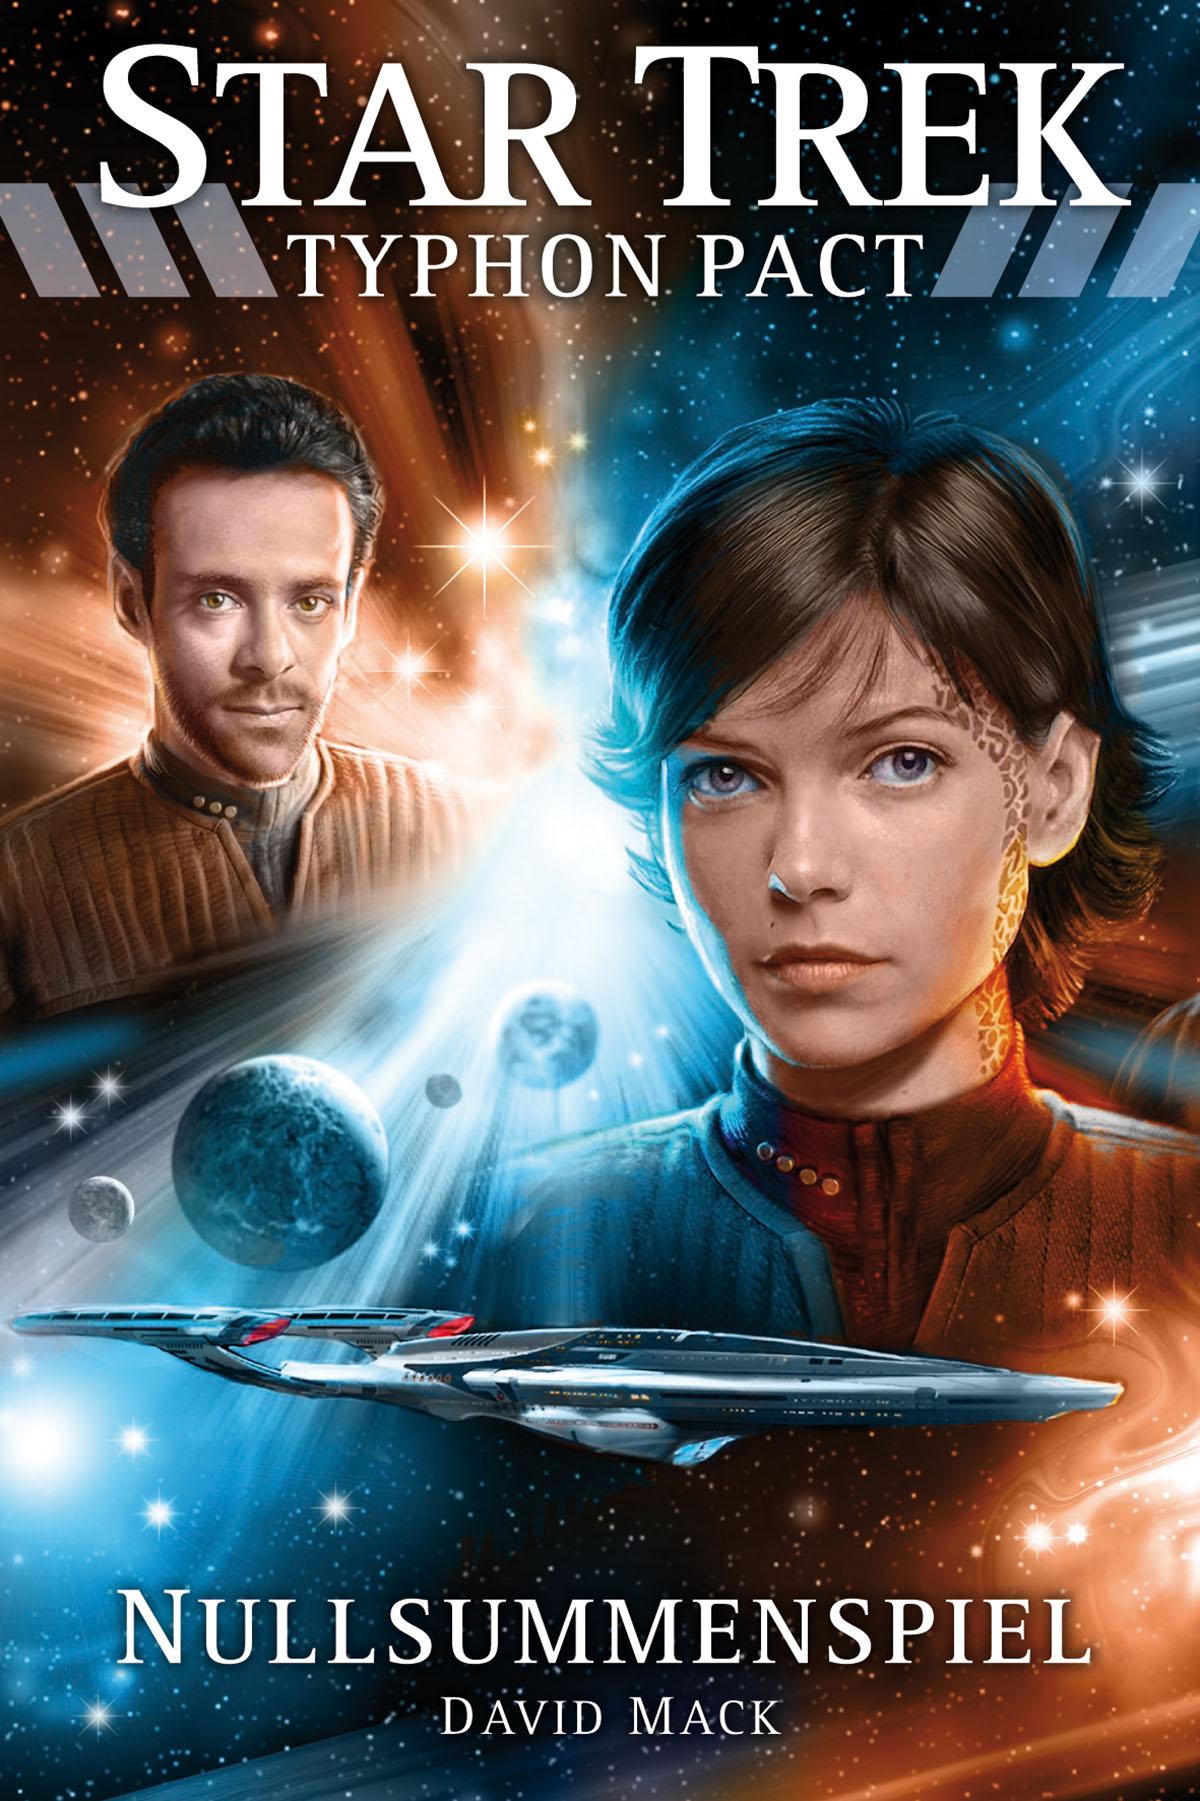 David Mack Star Trek - Typhon Pact 1: Nullsummenspiel david r iii george star trek typhon pact plagues of night